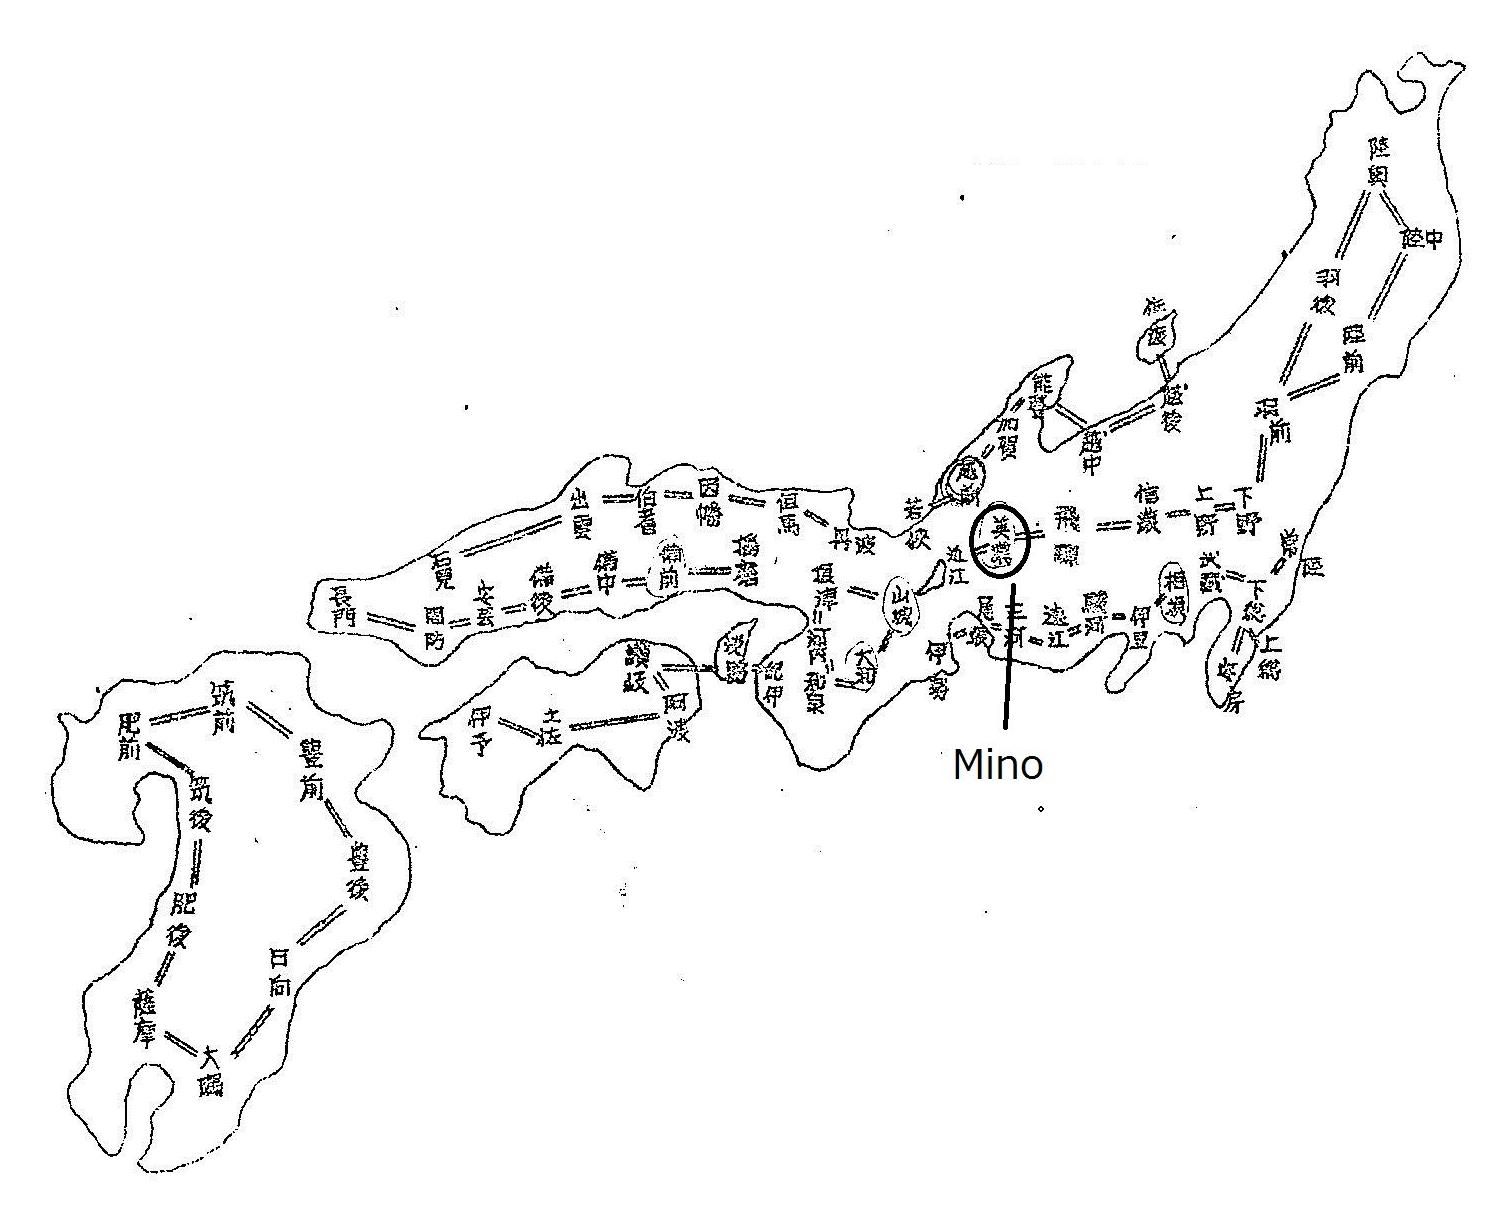 60-mino-map.jpg